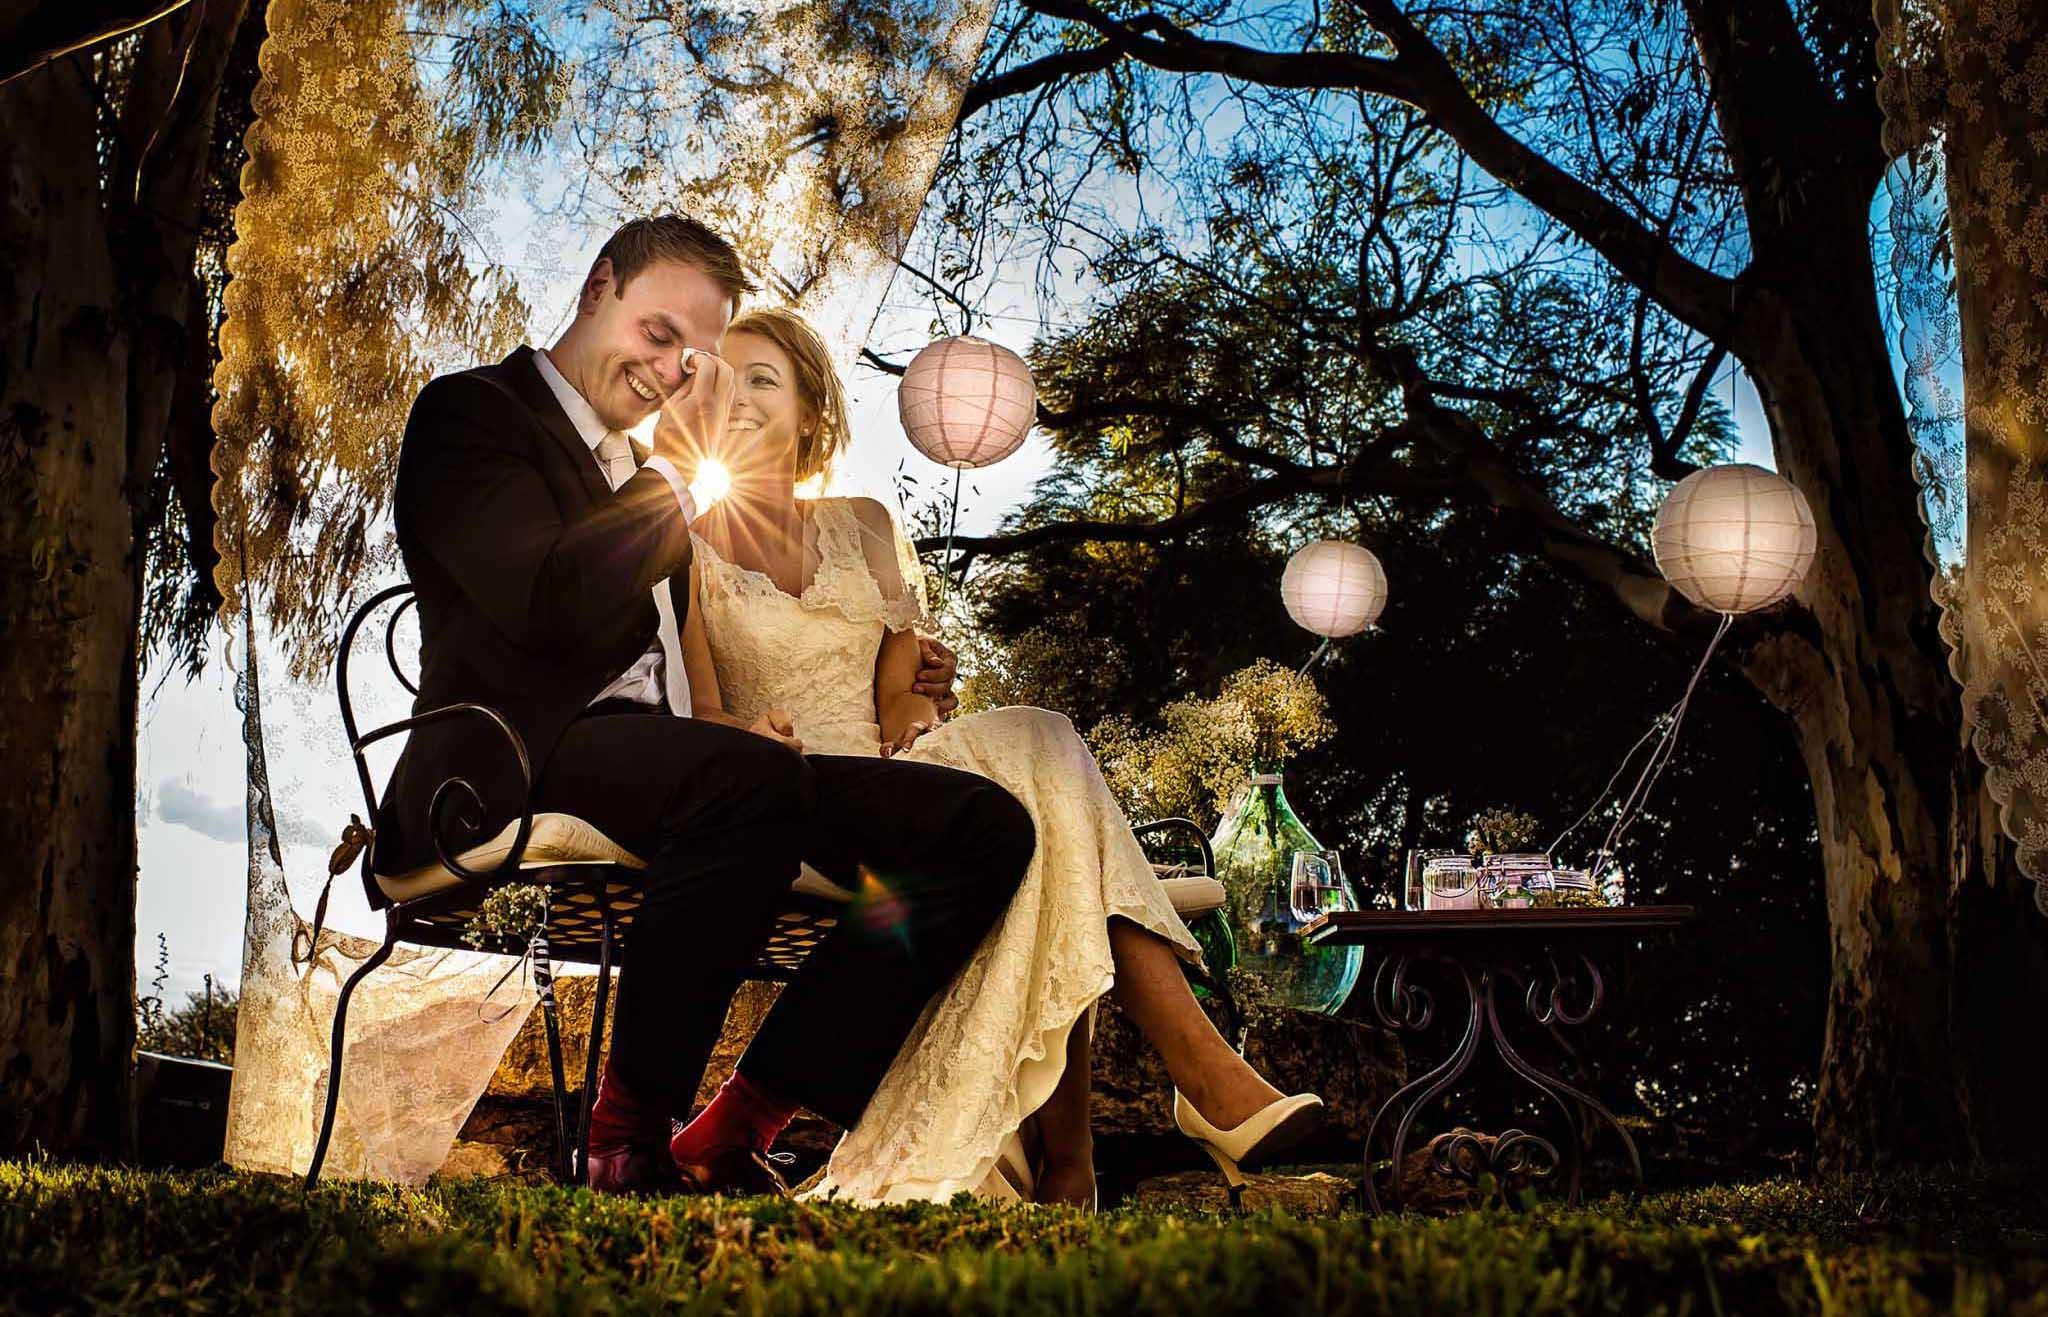 bruidsfotografie-bruidsfotograaf-37-1.jpg